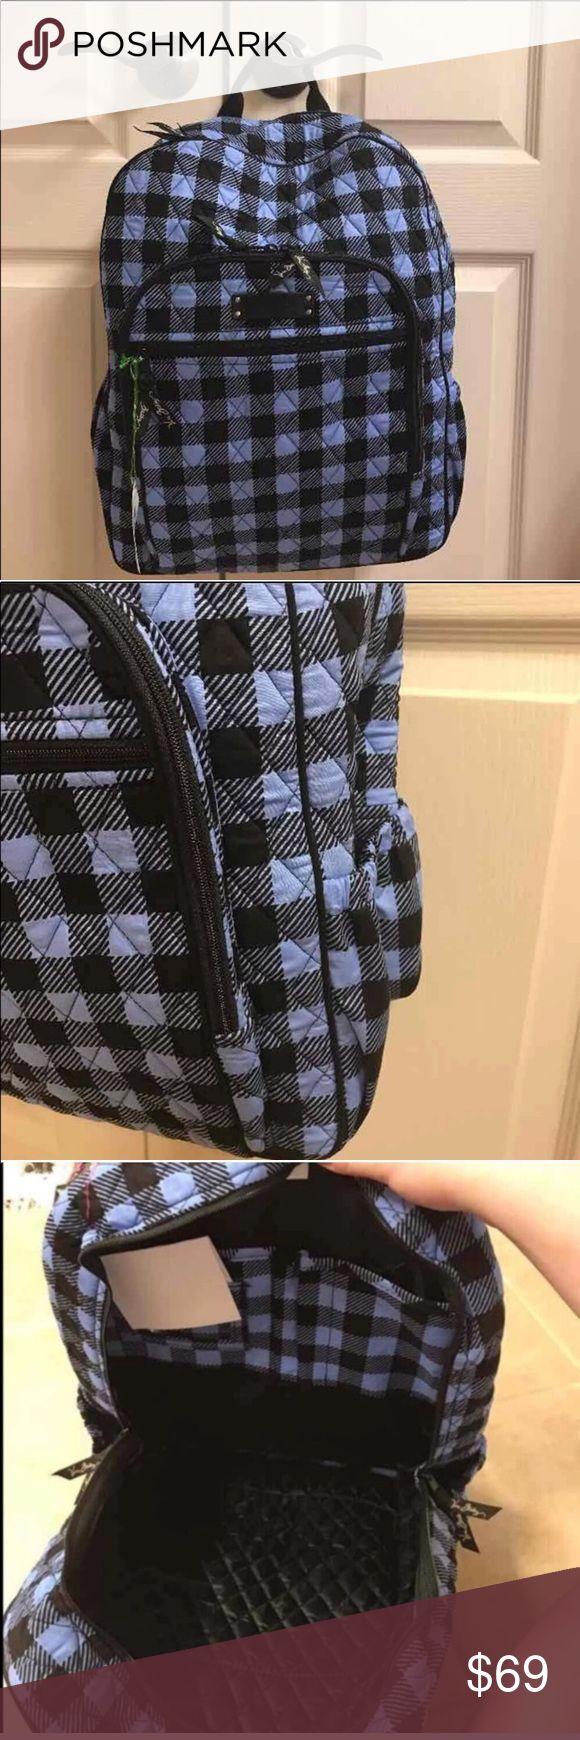 NWT Vera Bradley alpine check Campus backpack NWT Vera Bradley alpine check Campus backpack Vera Bradley Bags Backpacks